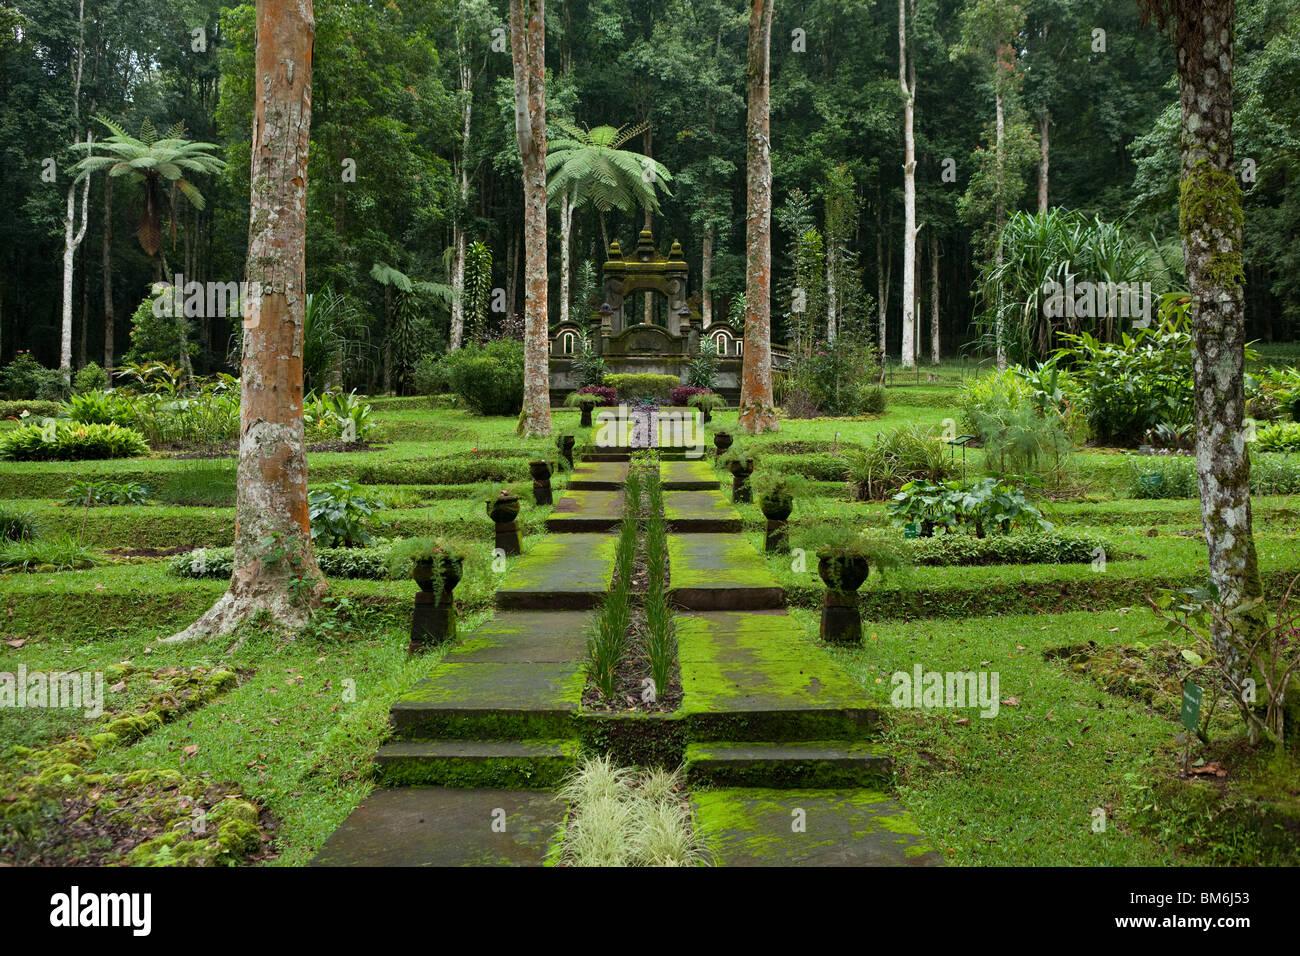 Bali Botanischer Garten Candikuning, Bali, Indonesien Stockbild